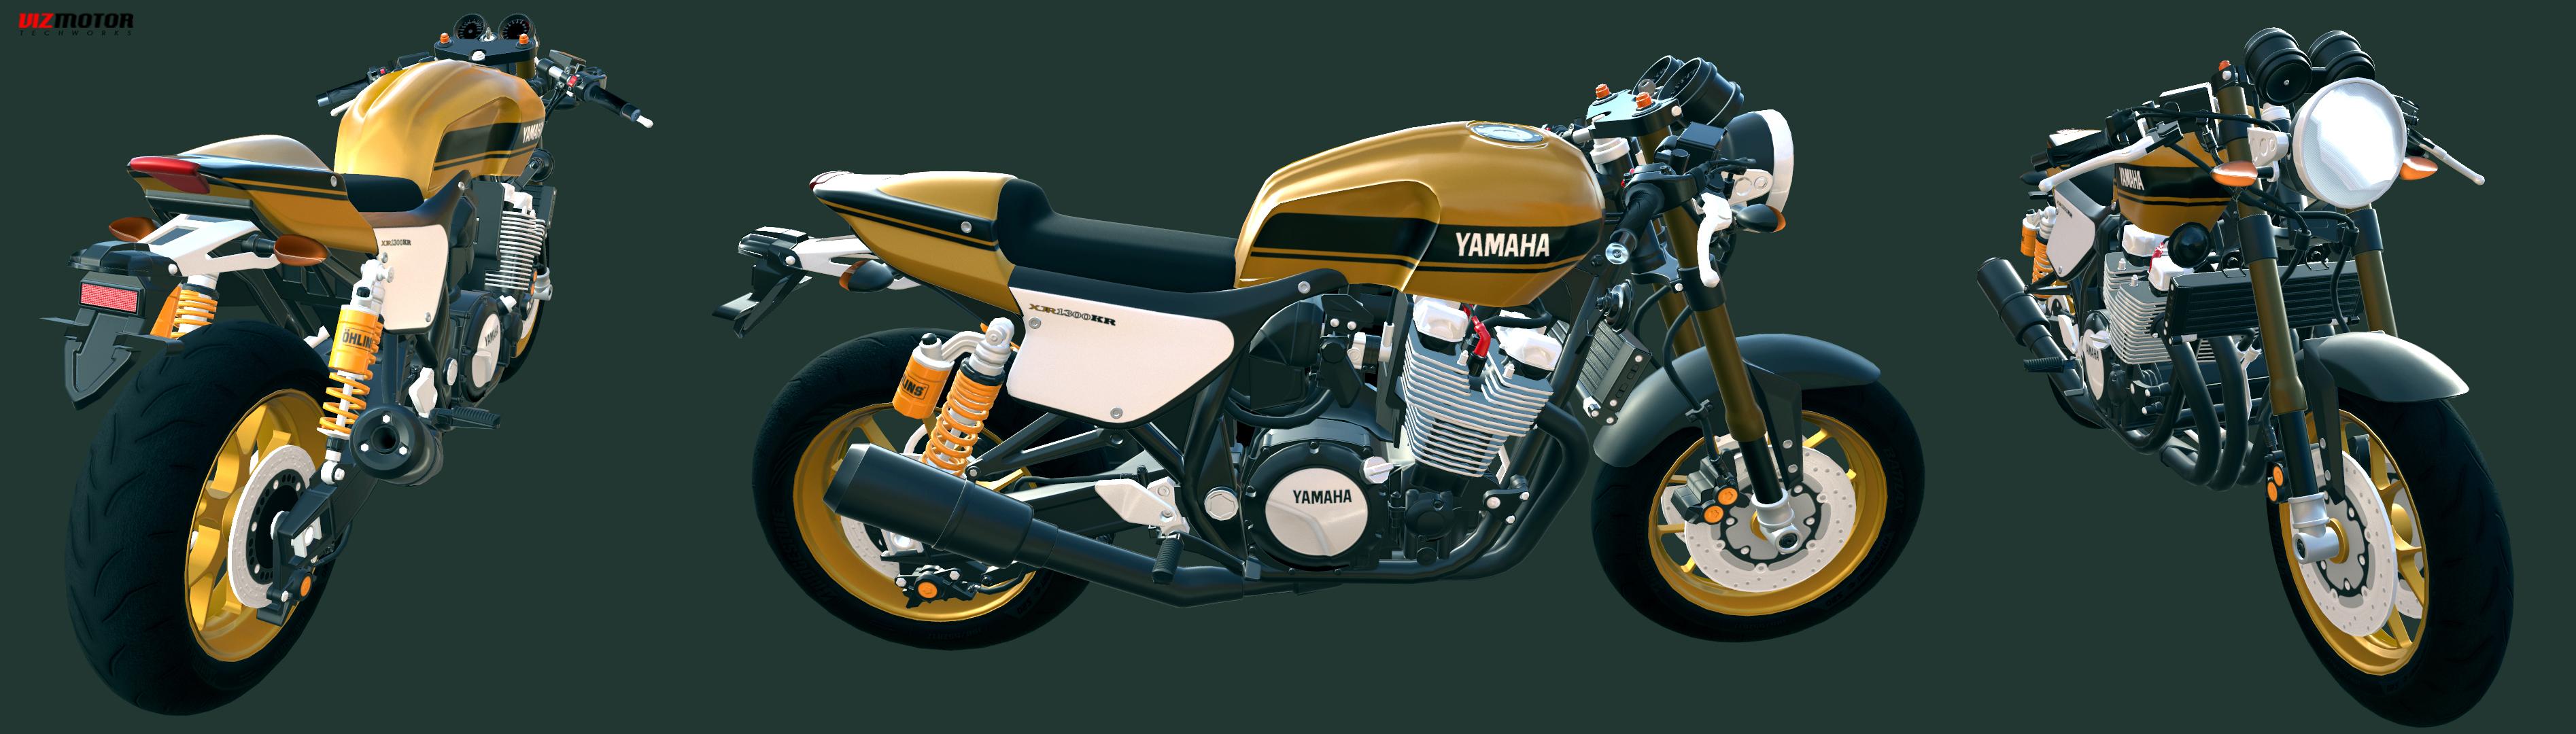 VizMotor_Motorbike